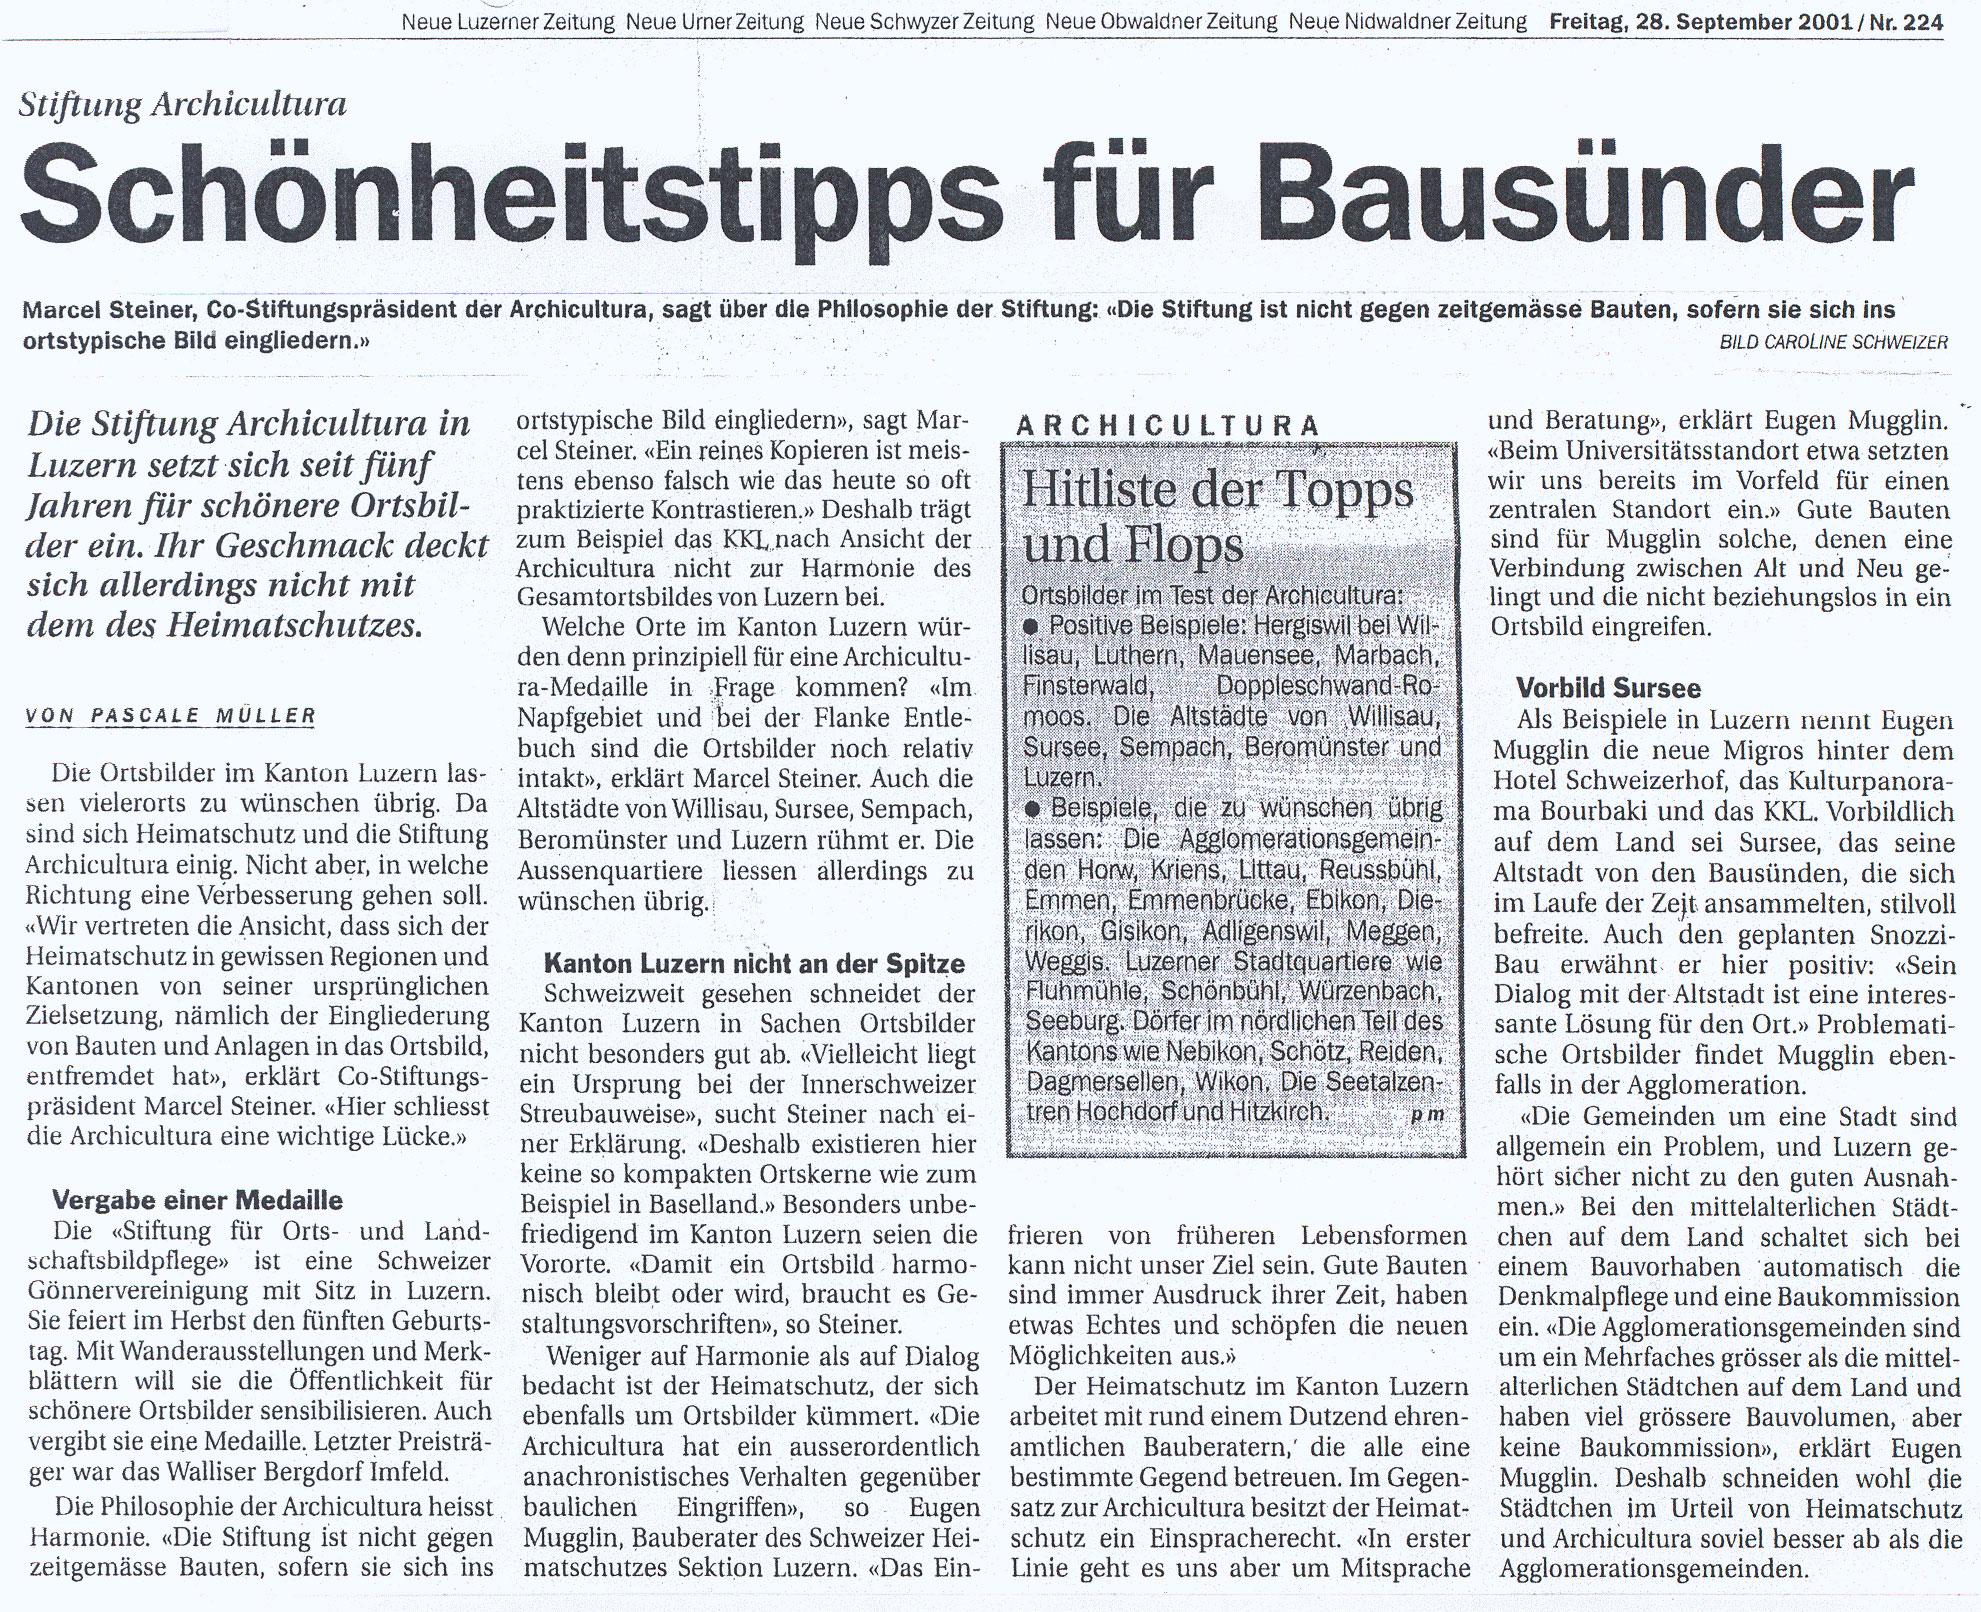 Neue Amigurumi Zeitung : Presse & Links Archicultura - Stiftung f?r Orts- und ...